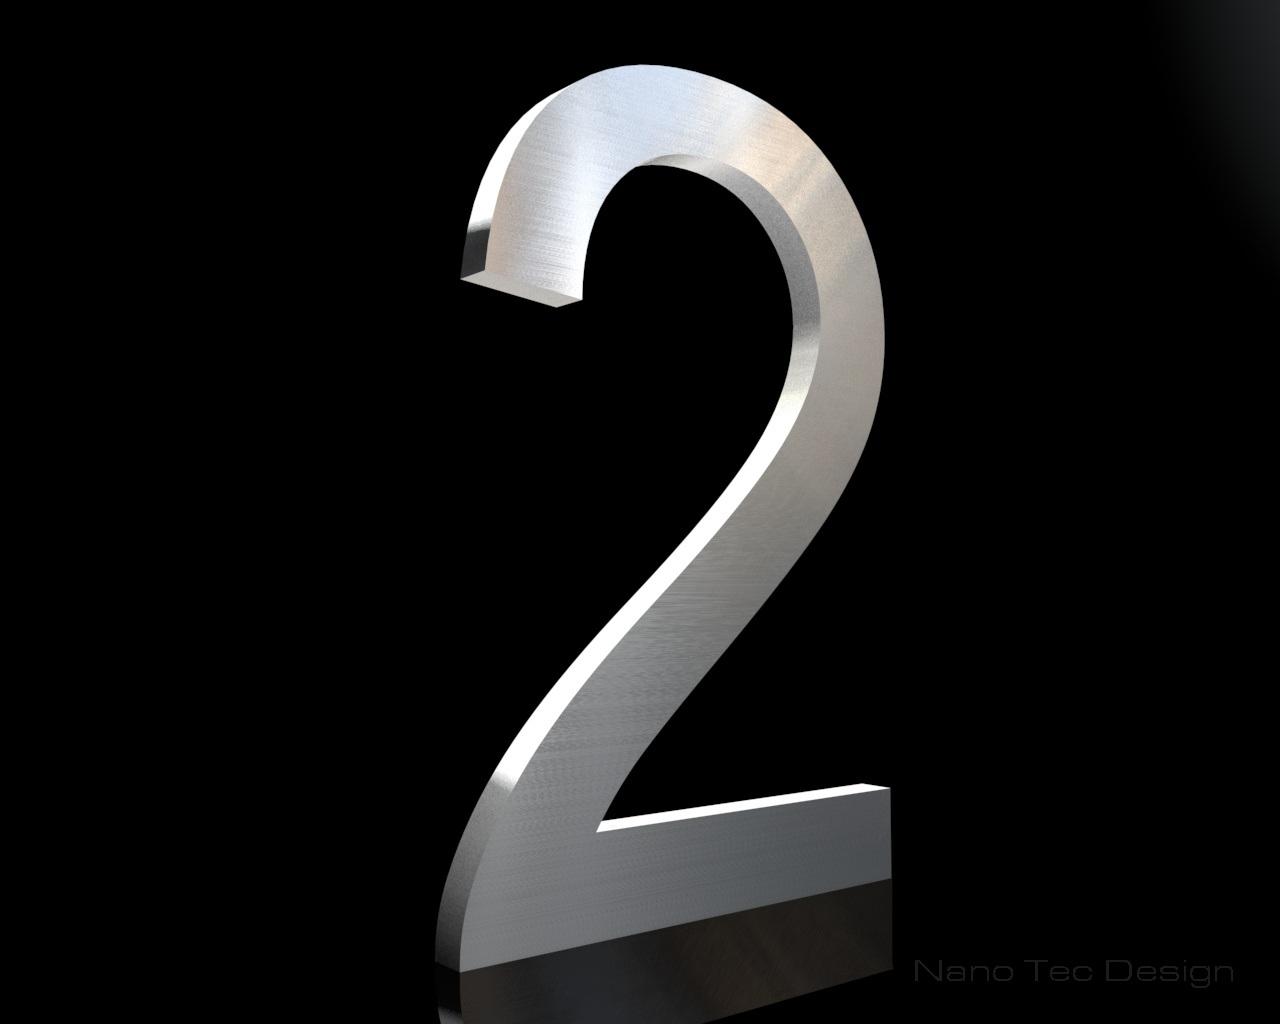 Edelstahl Hausnummer 2 in 6mm Stärke (Schriftart: Arial)